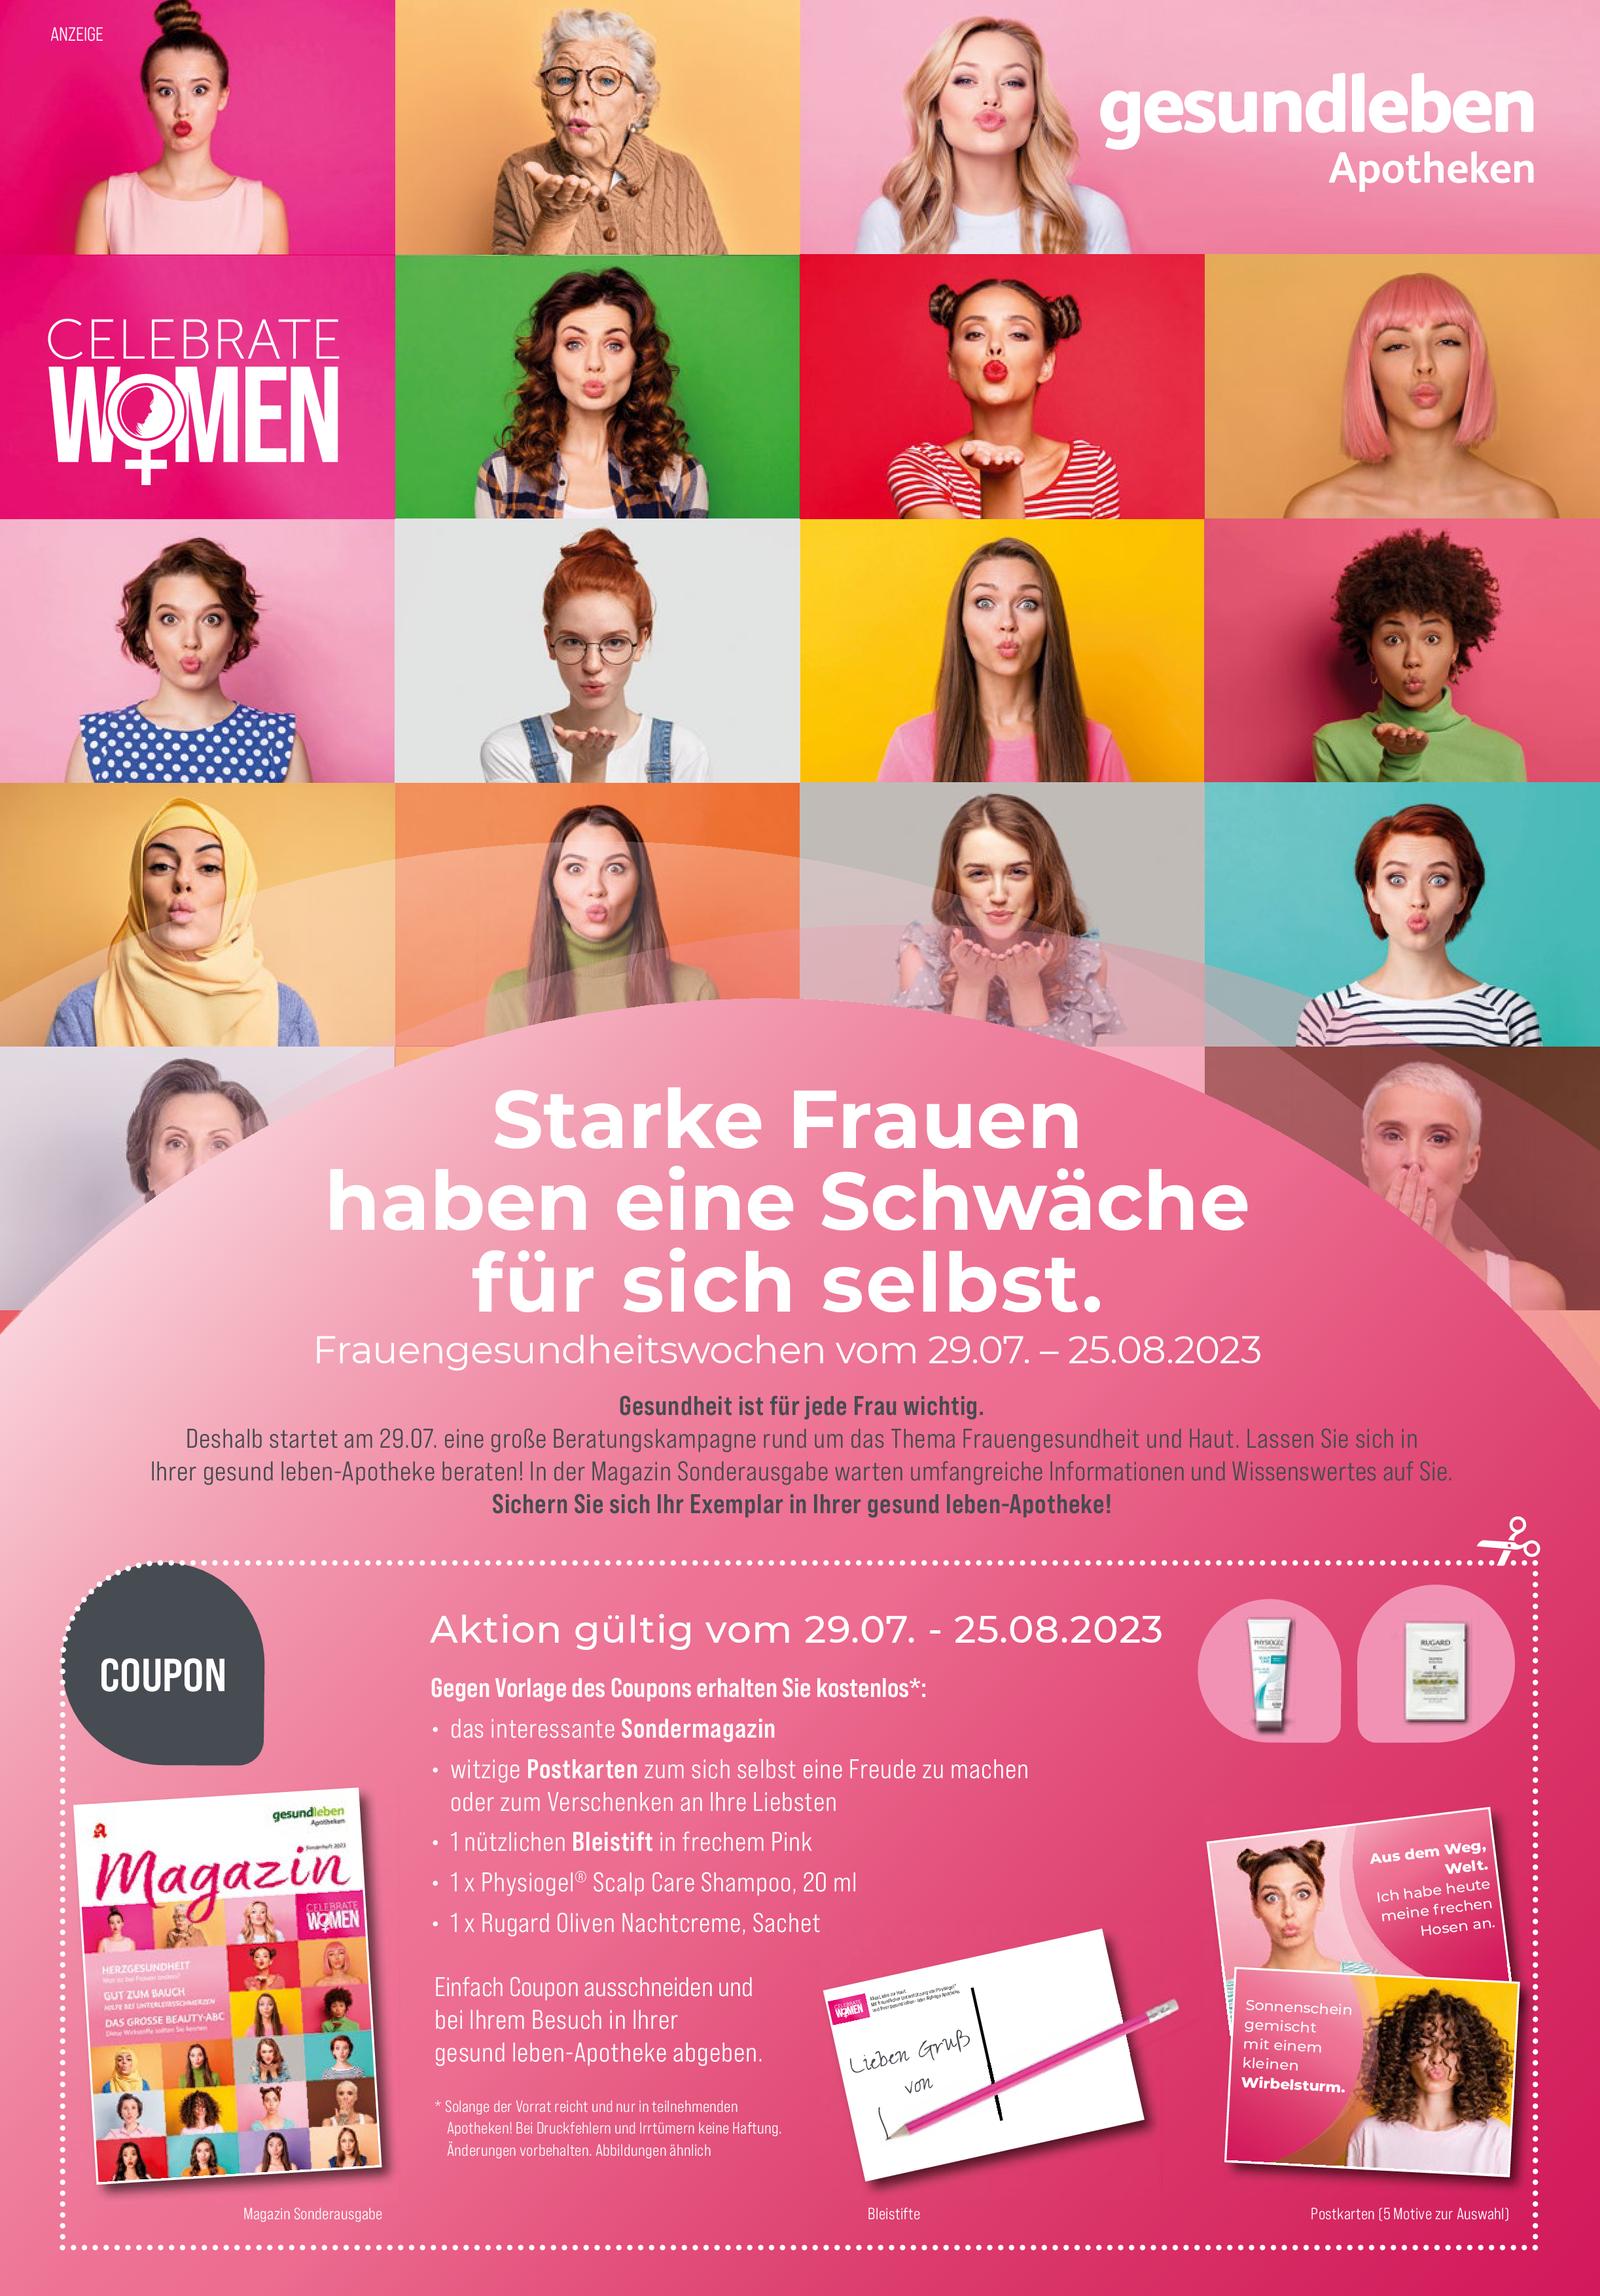 https://mein-uploads.apocdn.net/12446/leaflets/gesundleben_hoch-Seite5.png